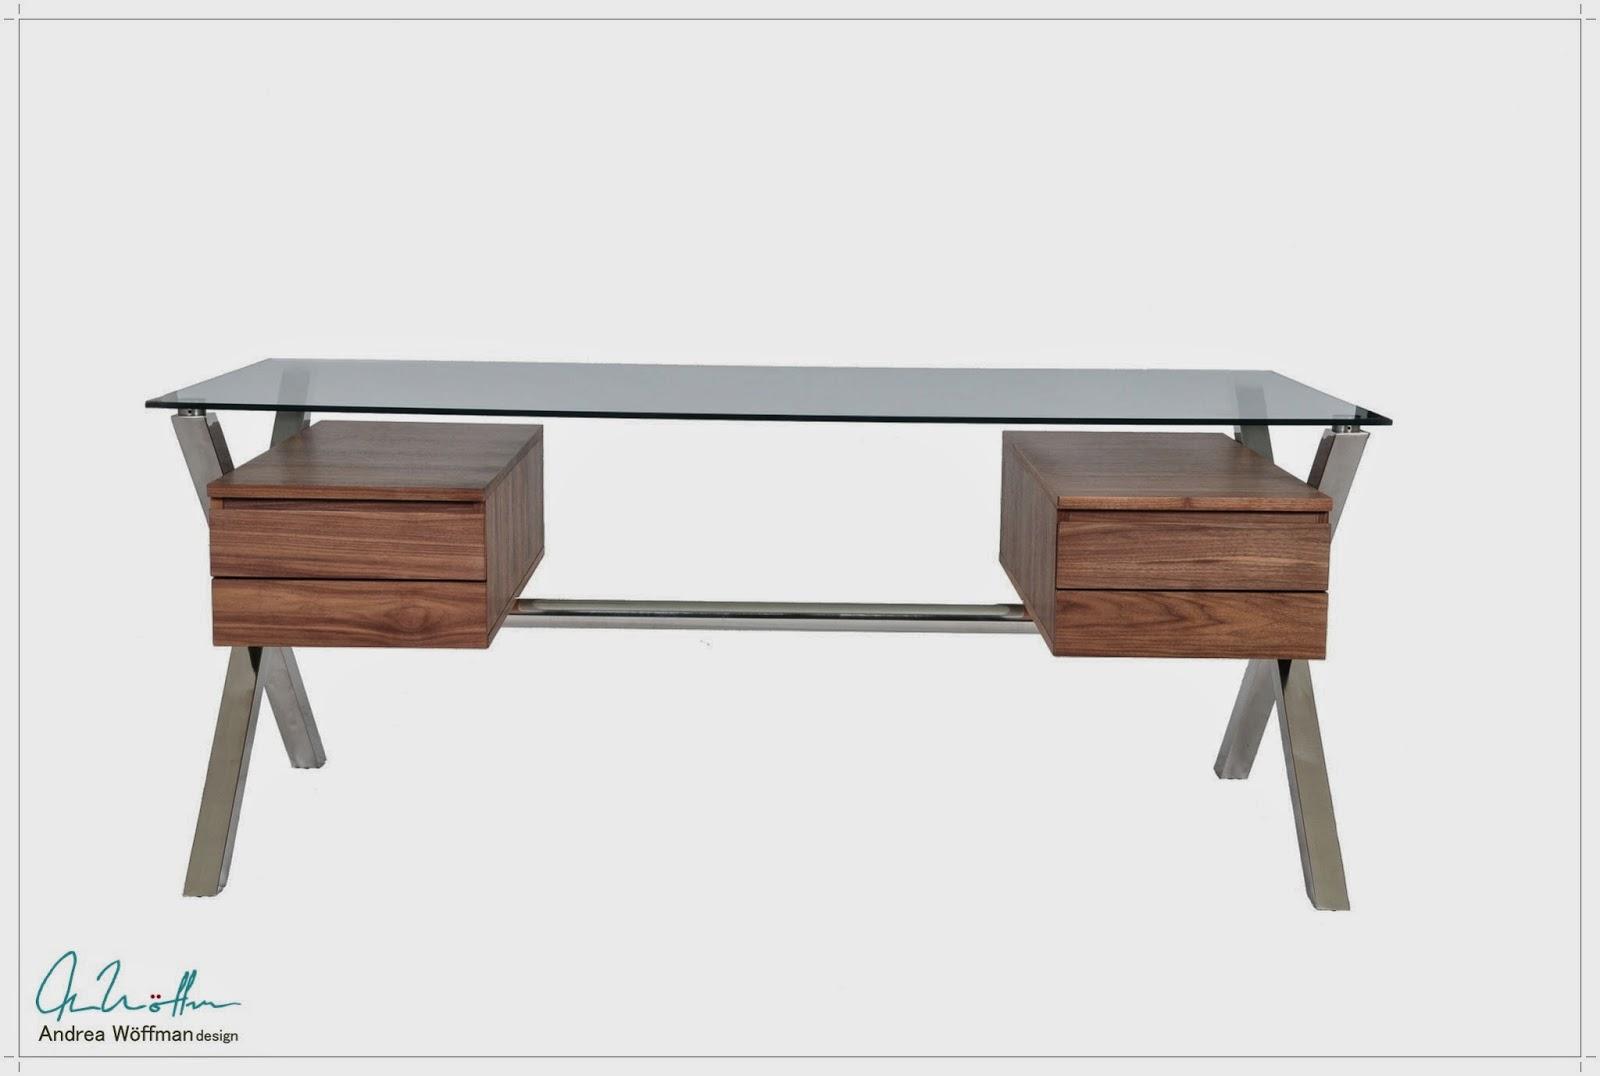 Amoblamientos y productos andrea w ffman escritorio - Modelos de escritorios de madera ...